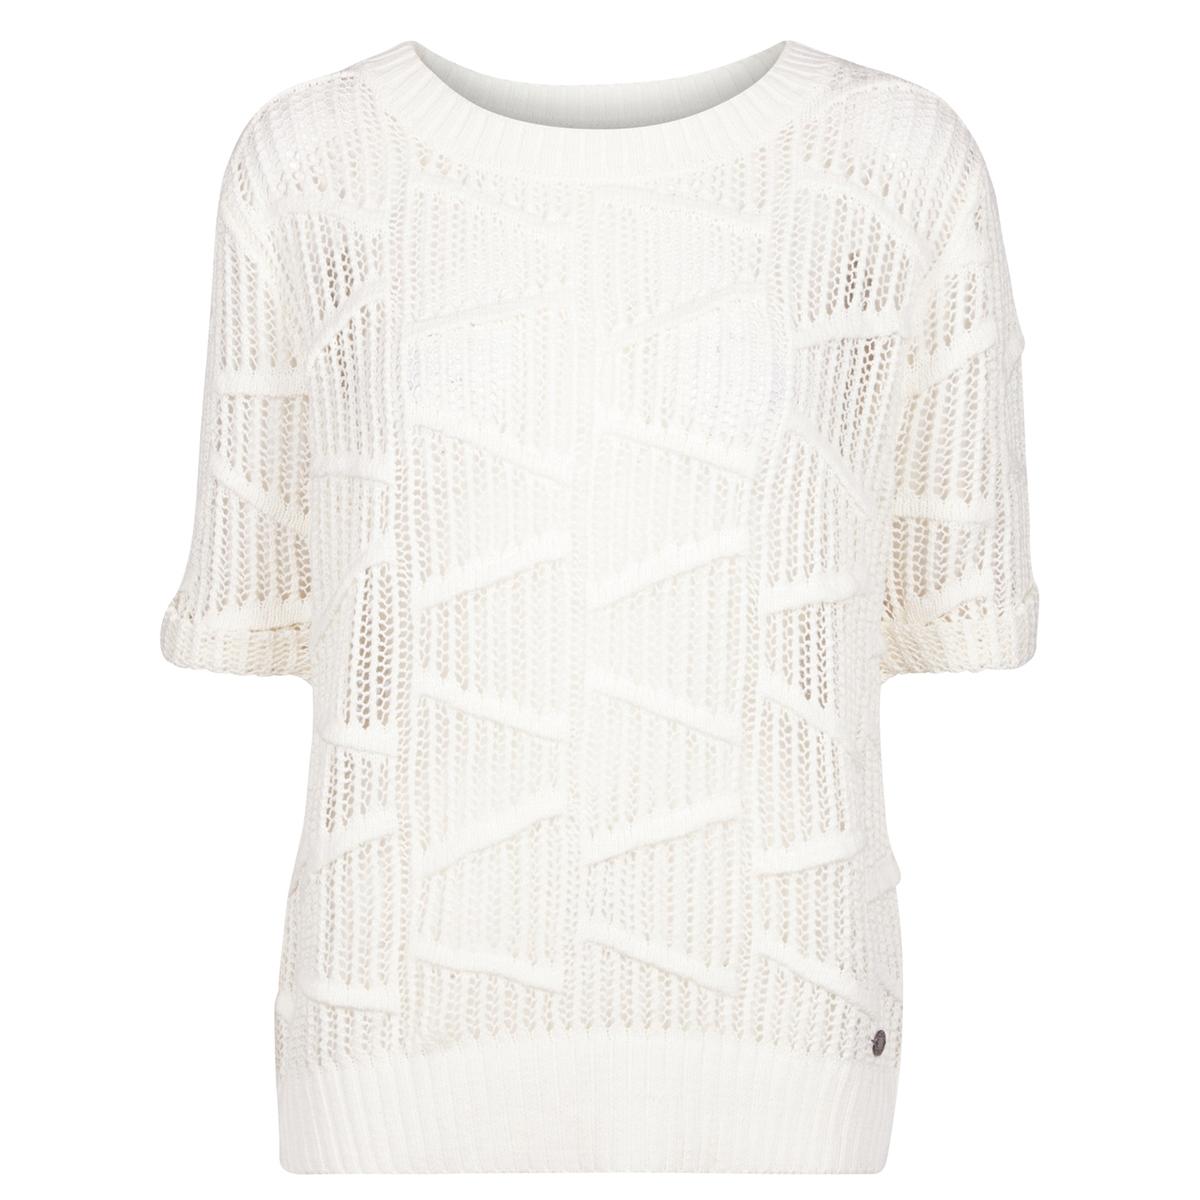 Пуловер из ажурного трикотажа с короткими рукавами пуловер с короткими рукавами quelle patrizia dini by heine 89115